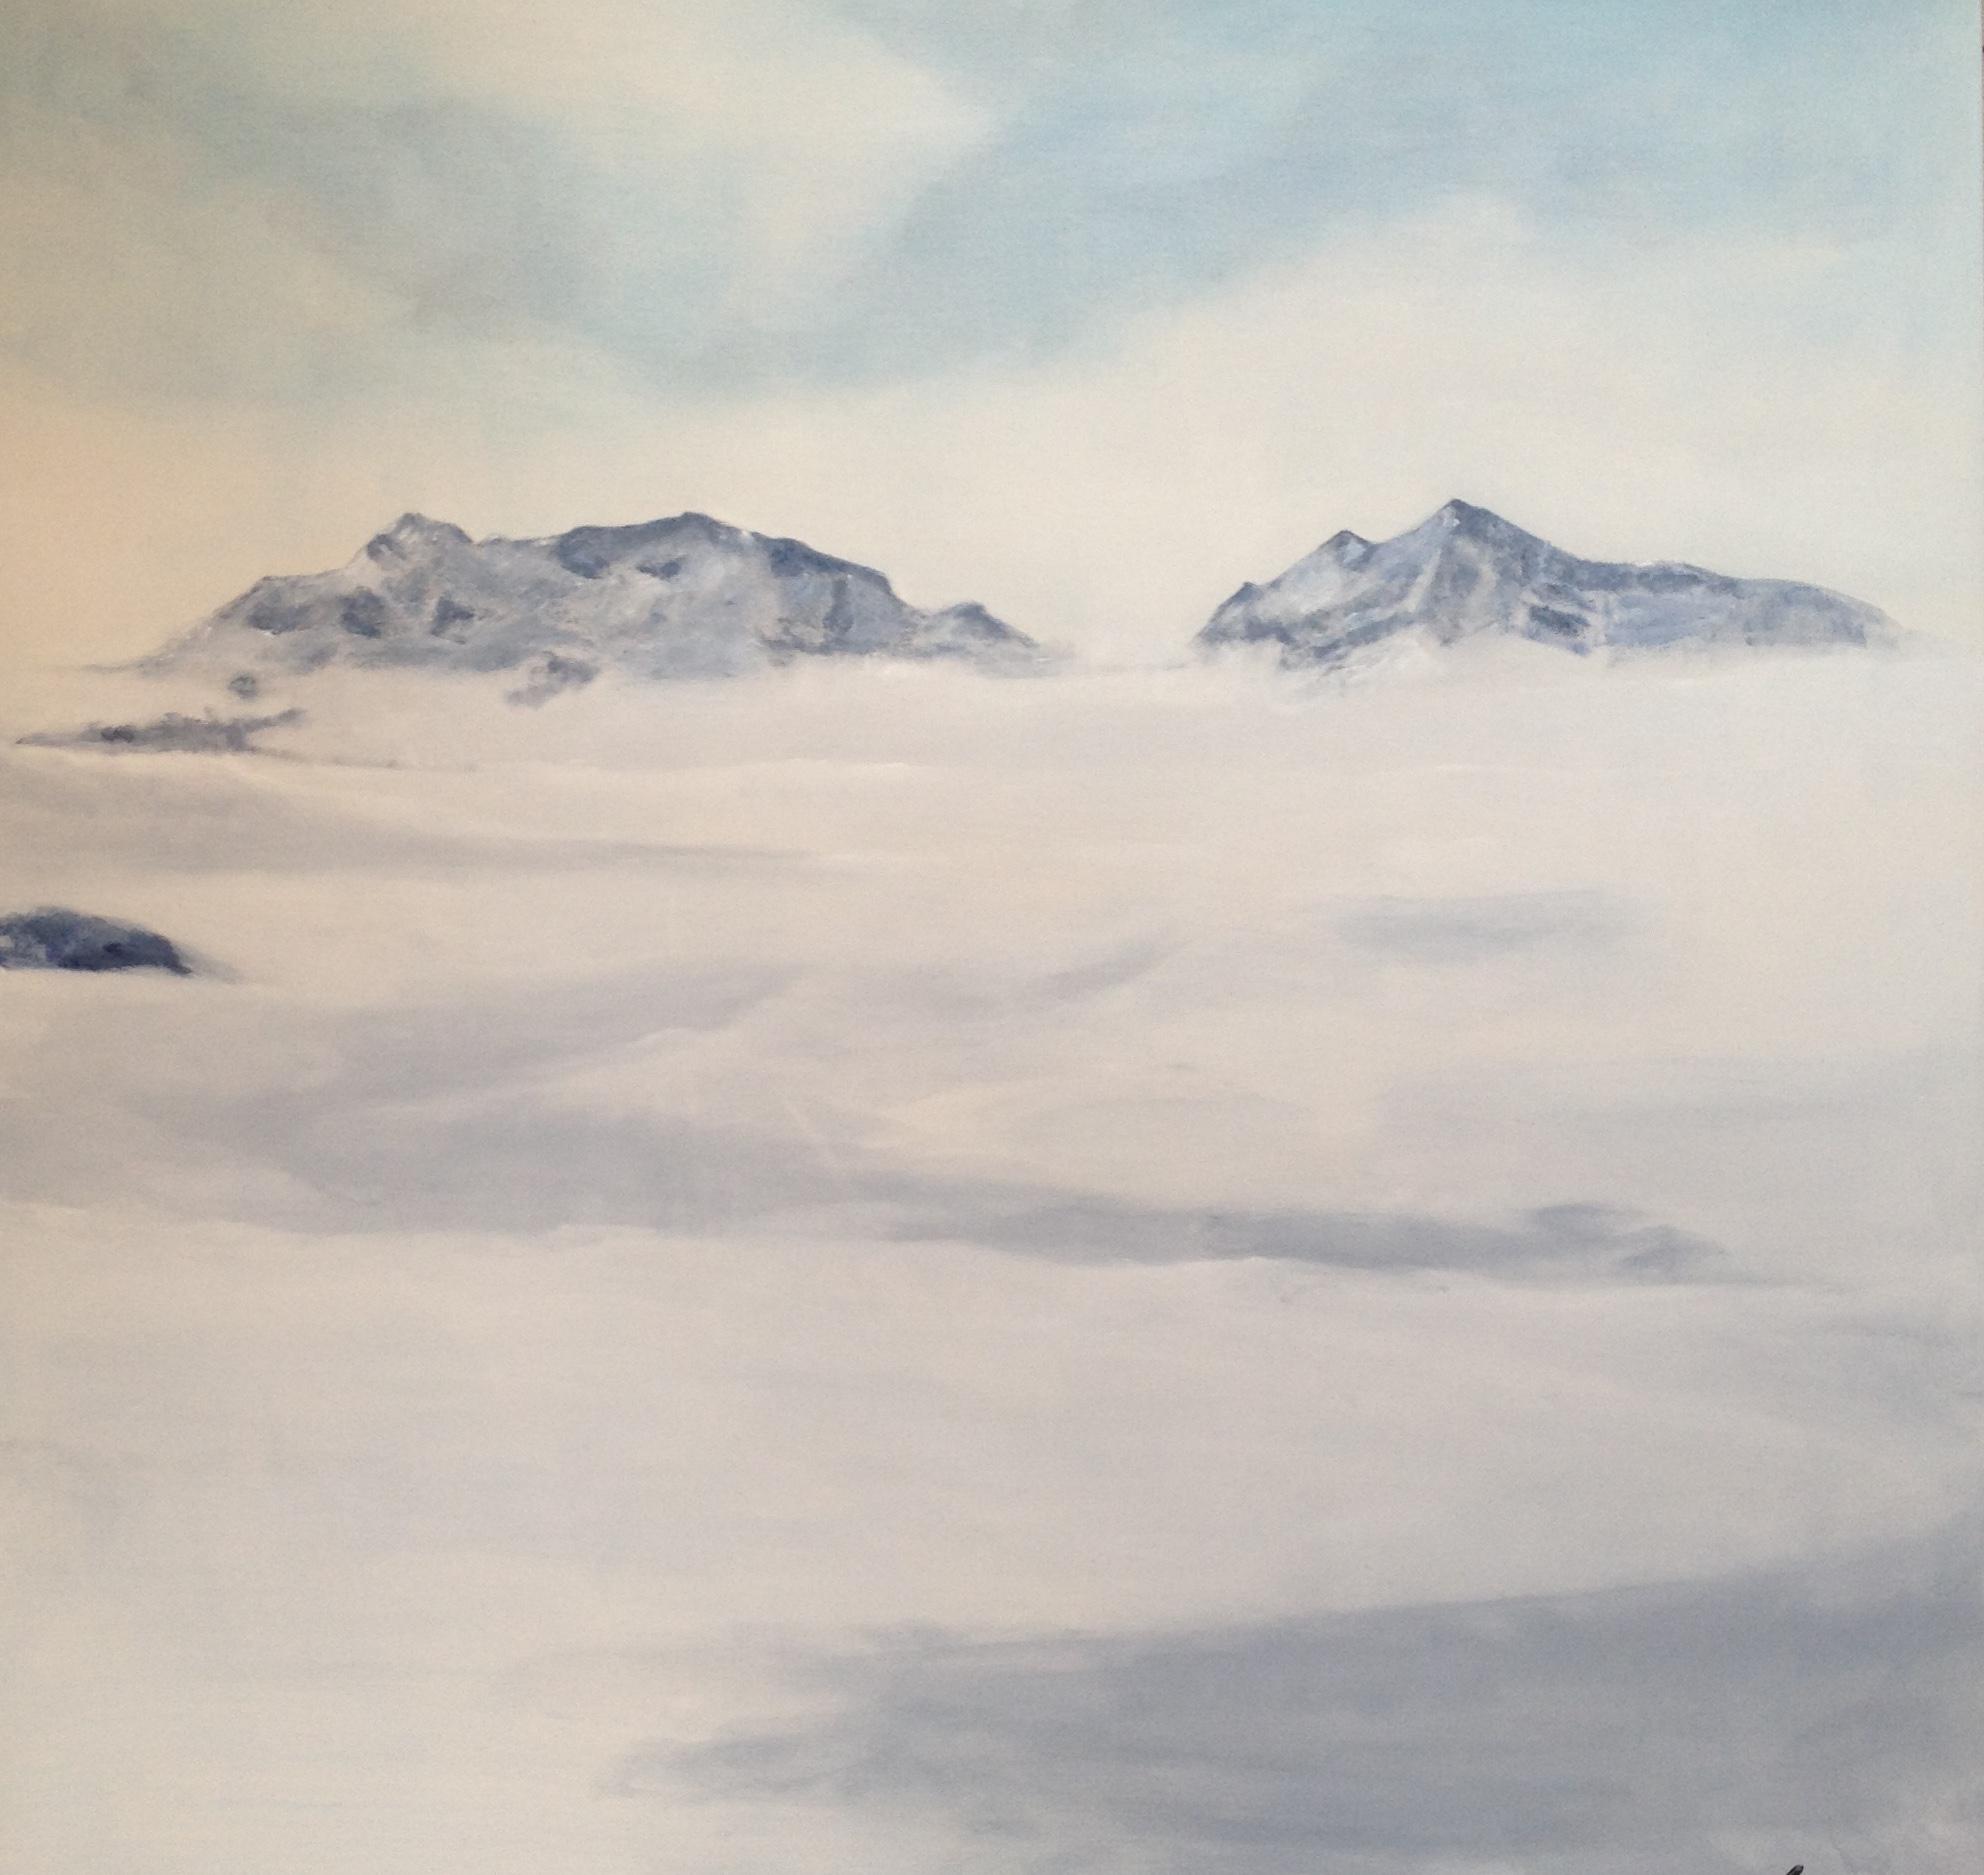 Glärnisch und Wiggis, 2014, Acryl auf Leinwand, 110x110